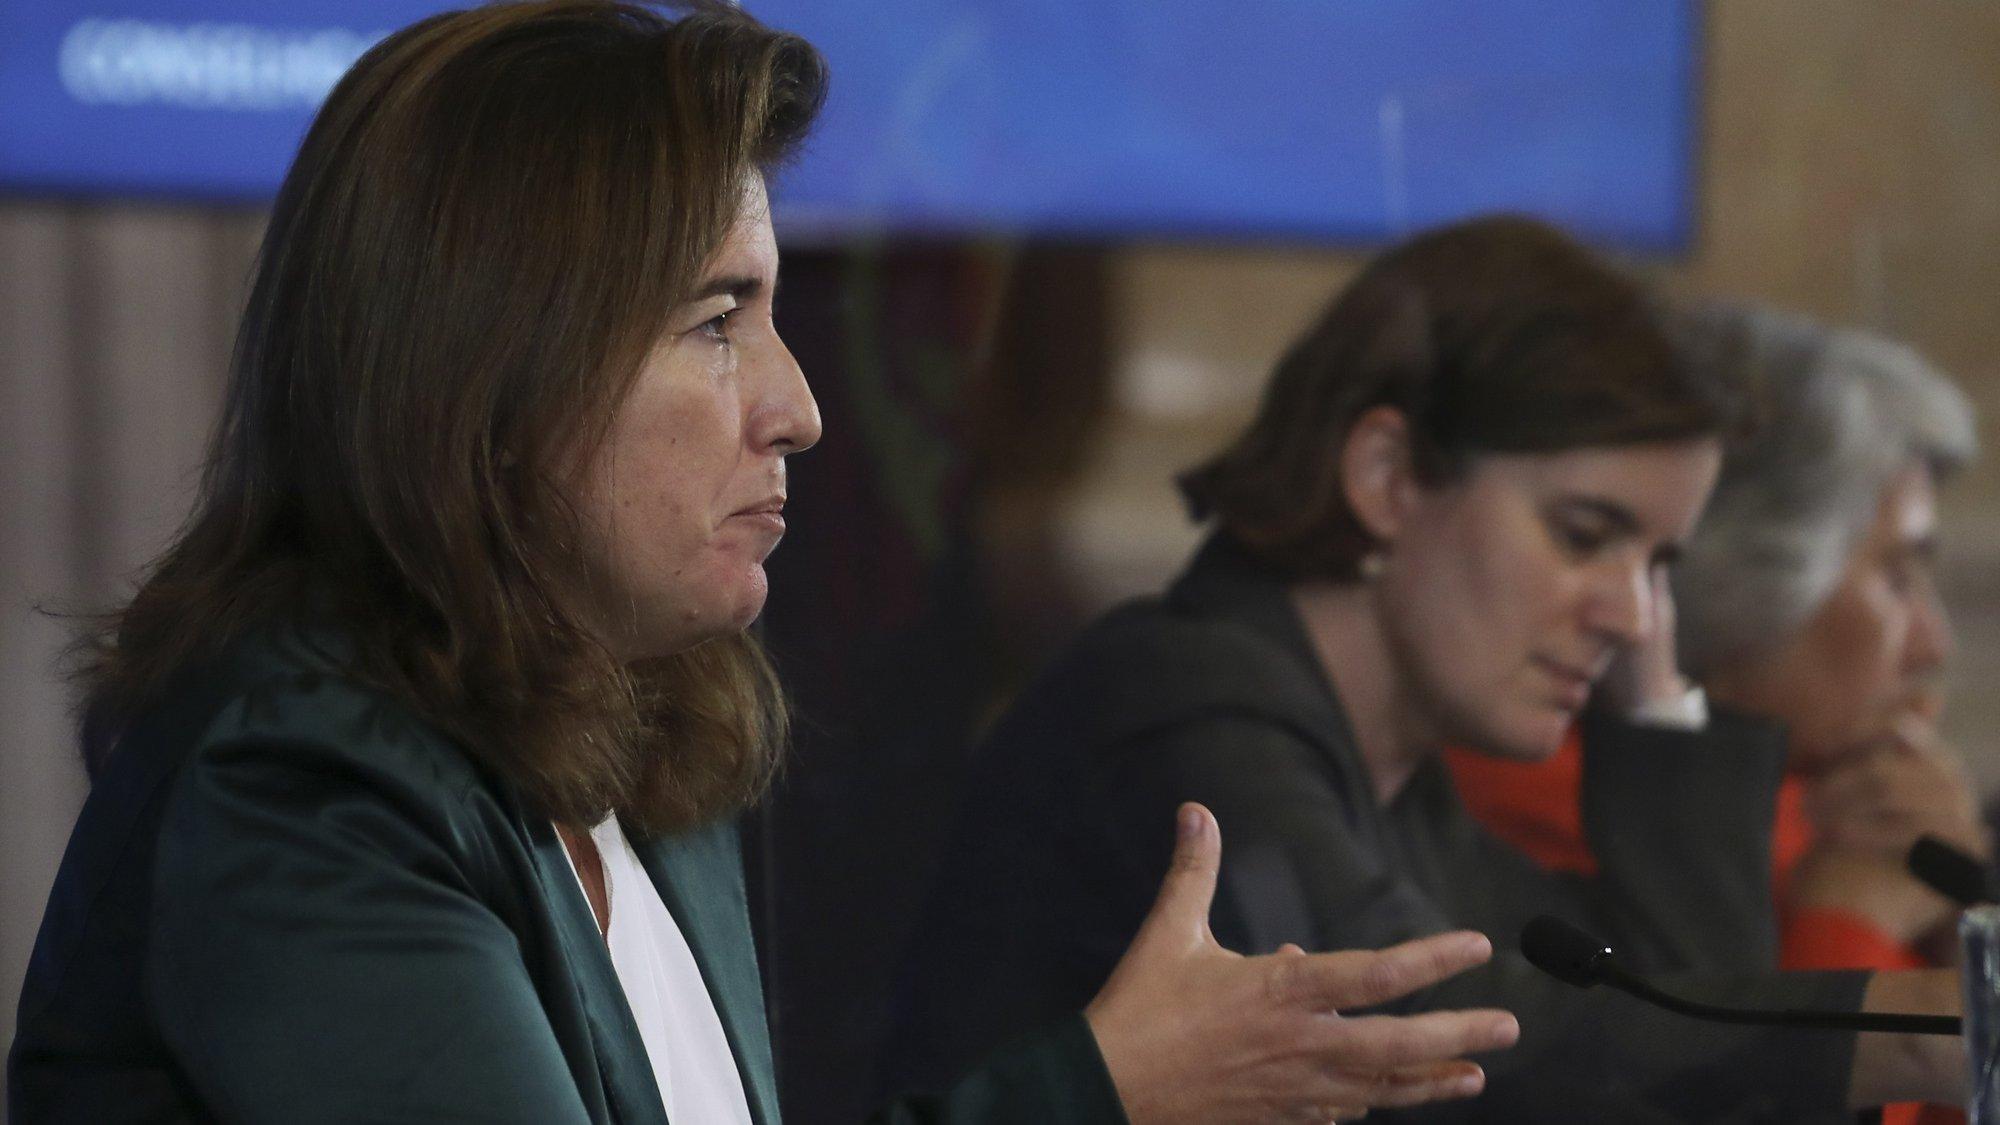 A ministra do Trabalho, Solidariedade e Segurança Social, Ana Mendes Godinho, fala aos jornalistas durante a conferência de imprensa no final da reunião do Conselho de Ministros, no Palácio da Ajuda, em Lisboa, 21 de outubro de 2021. ANTÓNIO COTRIM/LUSA